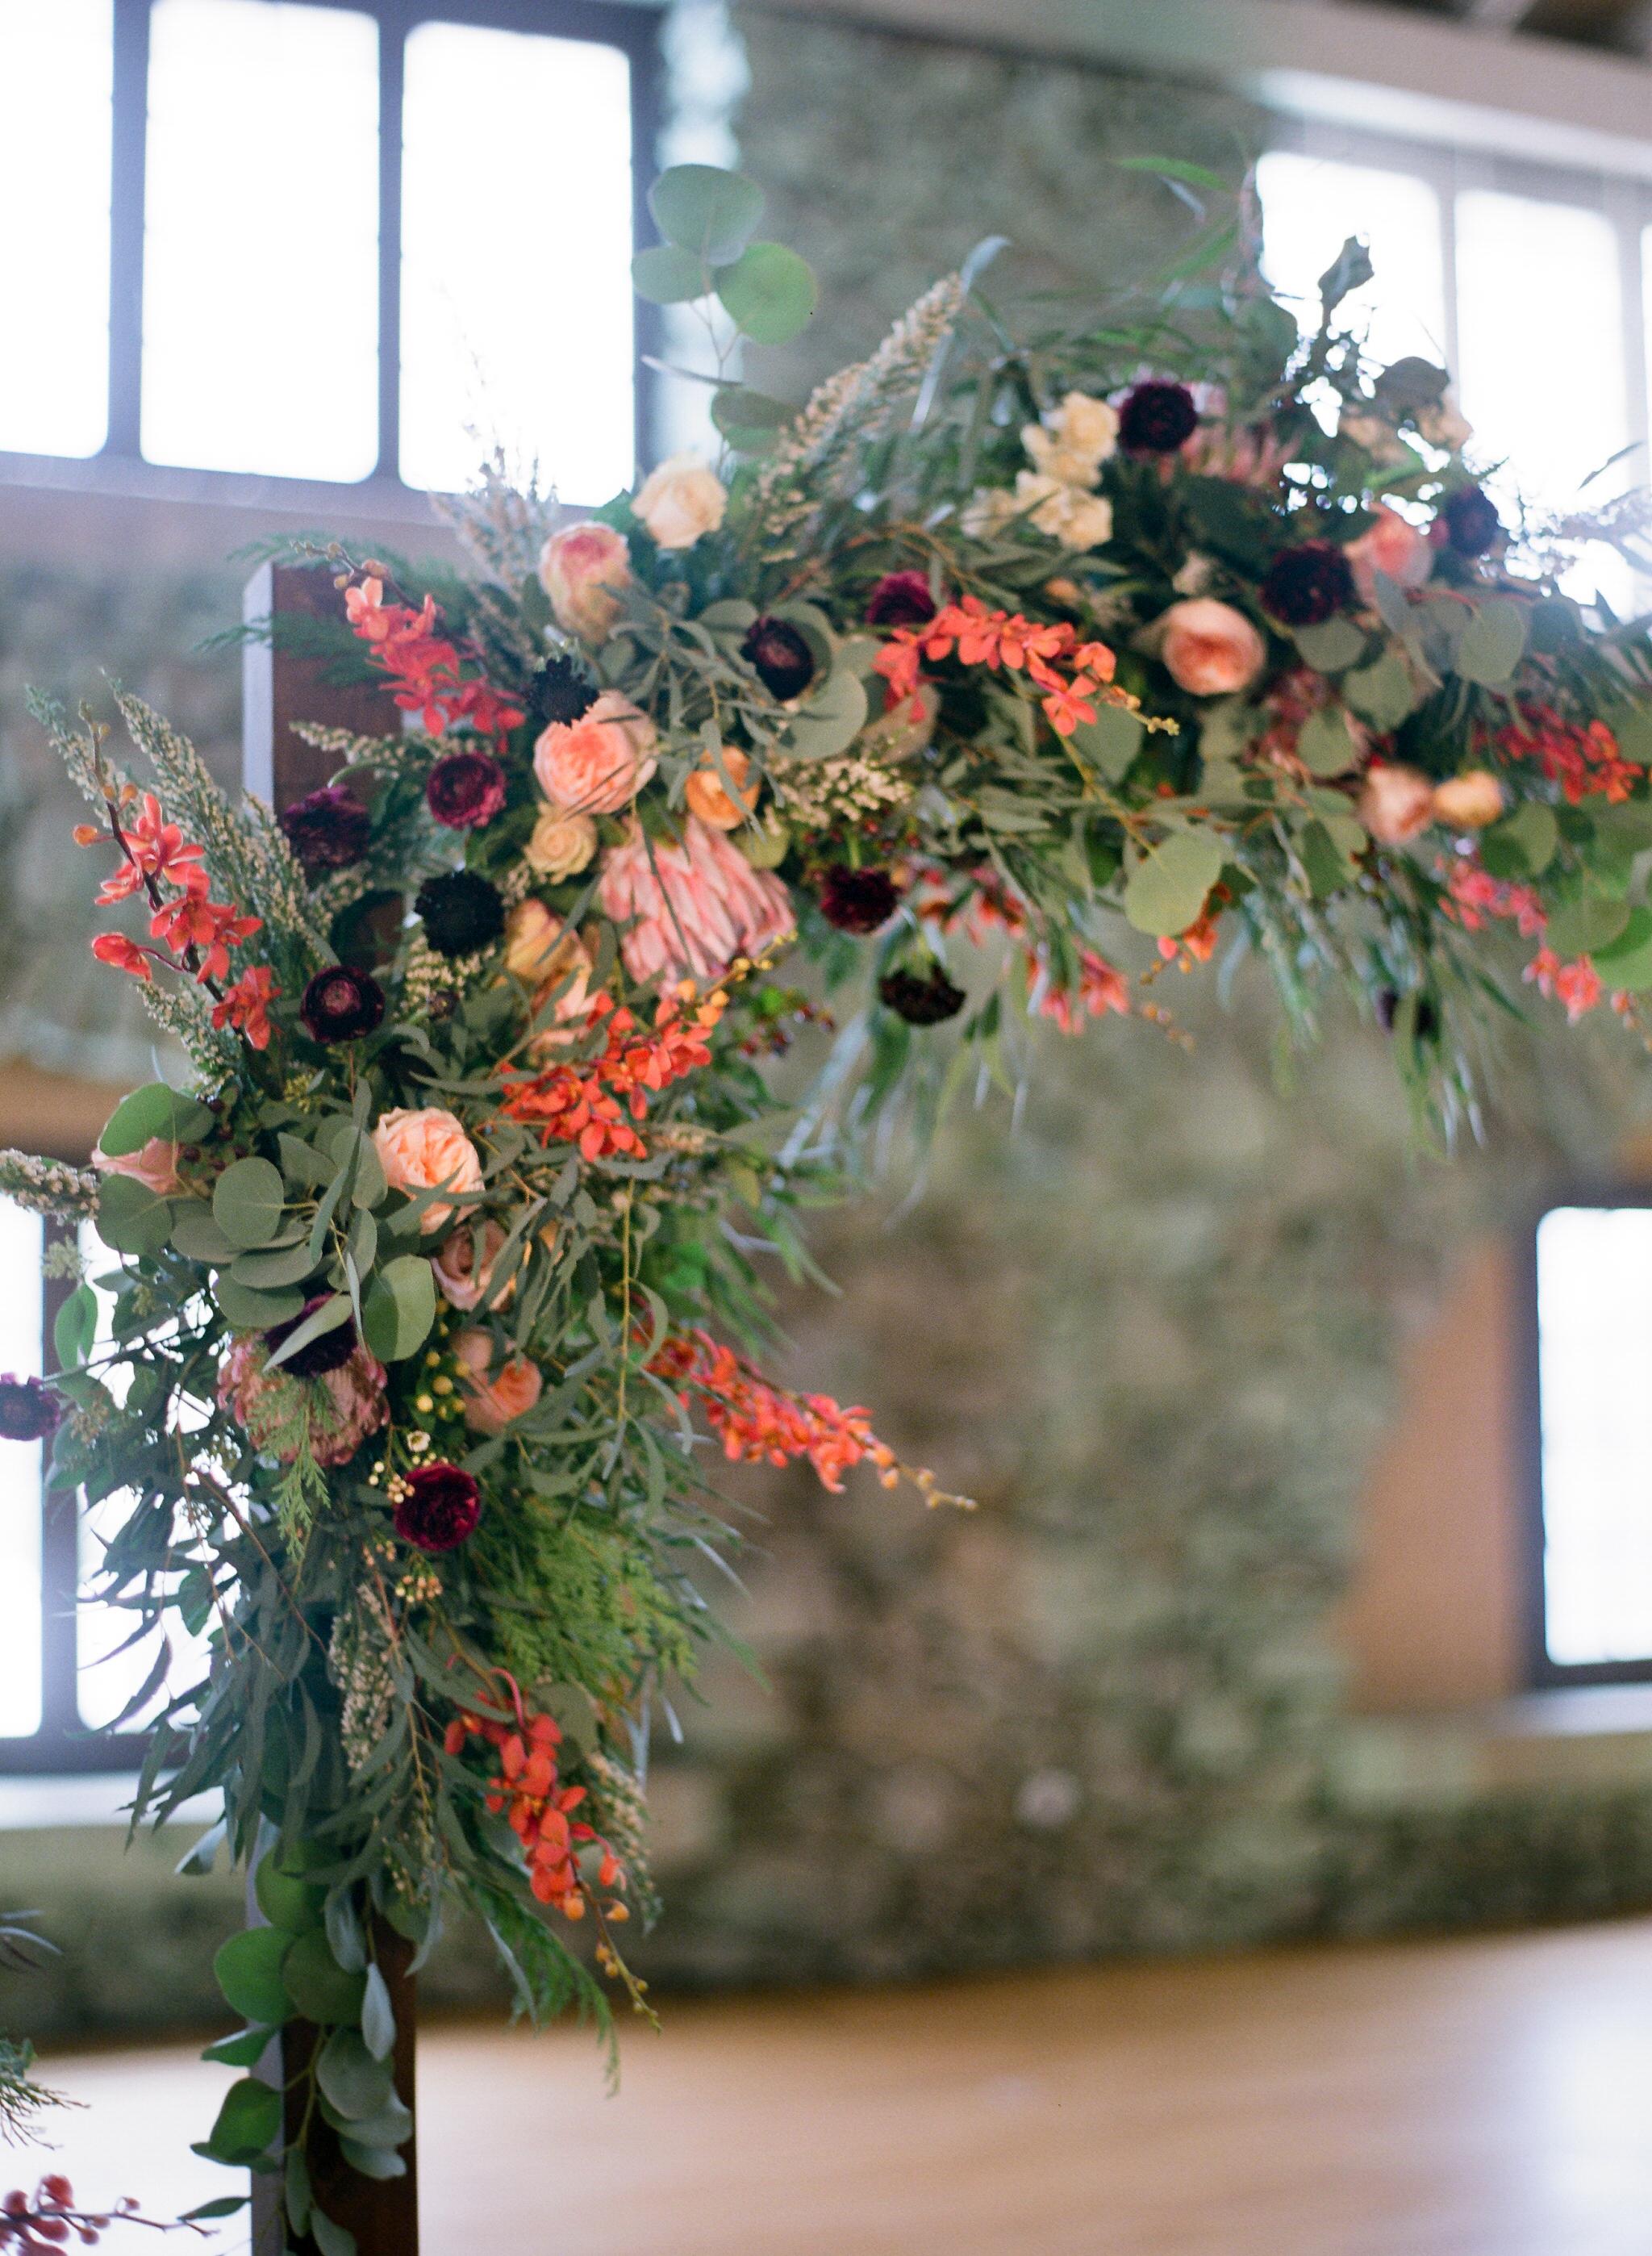 505-rothschild-pavilion-winter-wedding.jpg